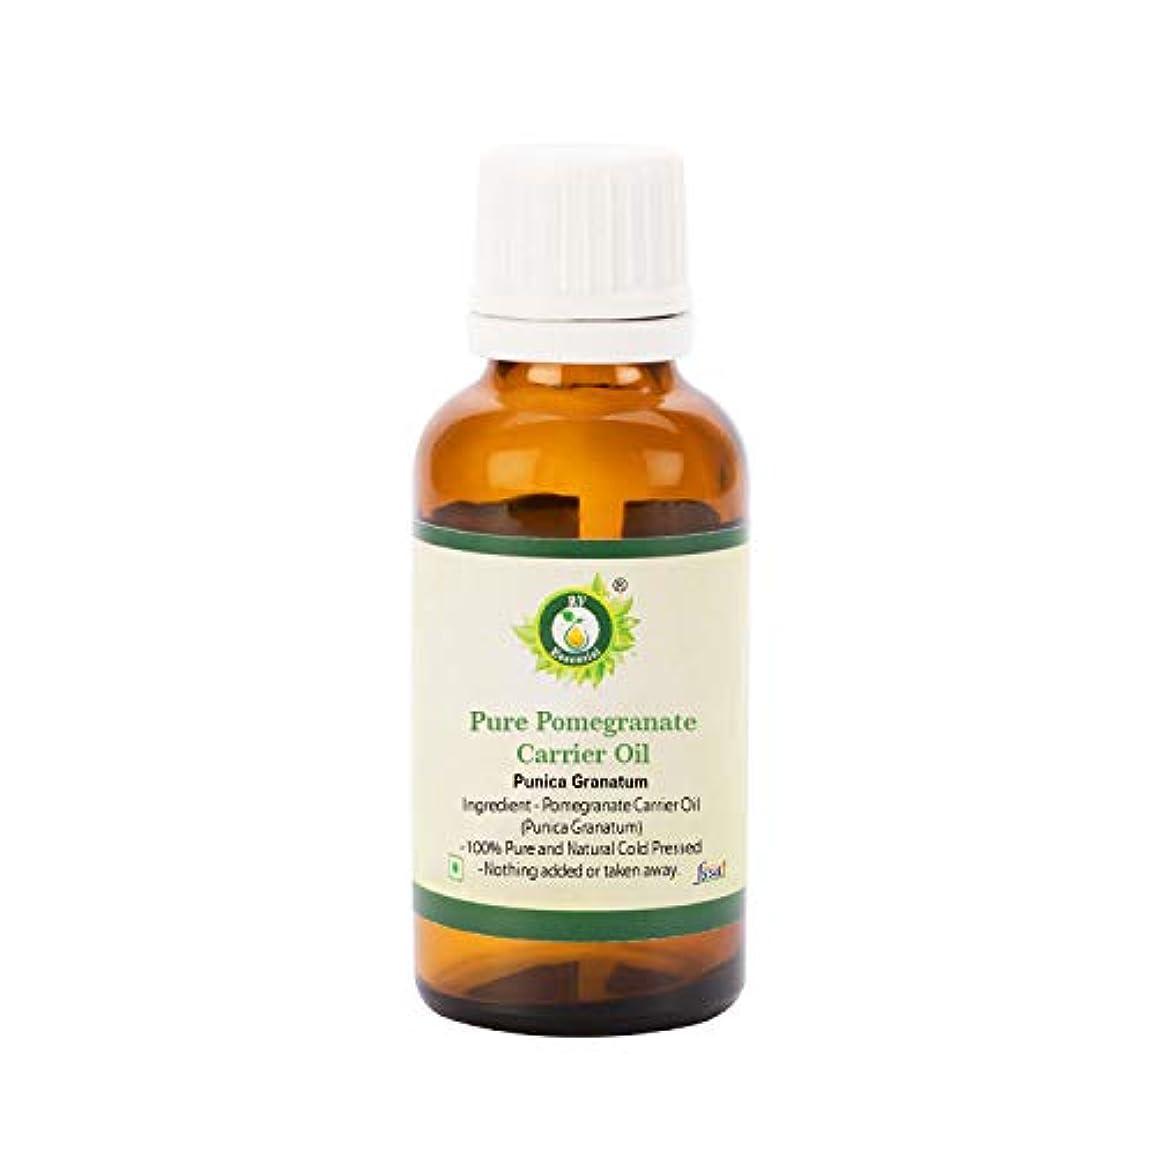 植物学組立依存R V Essential 純粋なザクロのキャリアオイル30ml (1.01oz)- Punica Granatum (100%ピュア&ナチュラルコールドPressed) Pure Pomegranate Carrier...